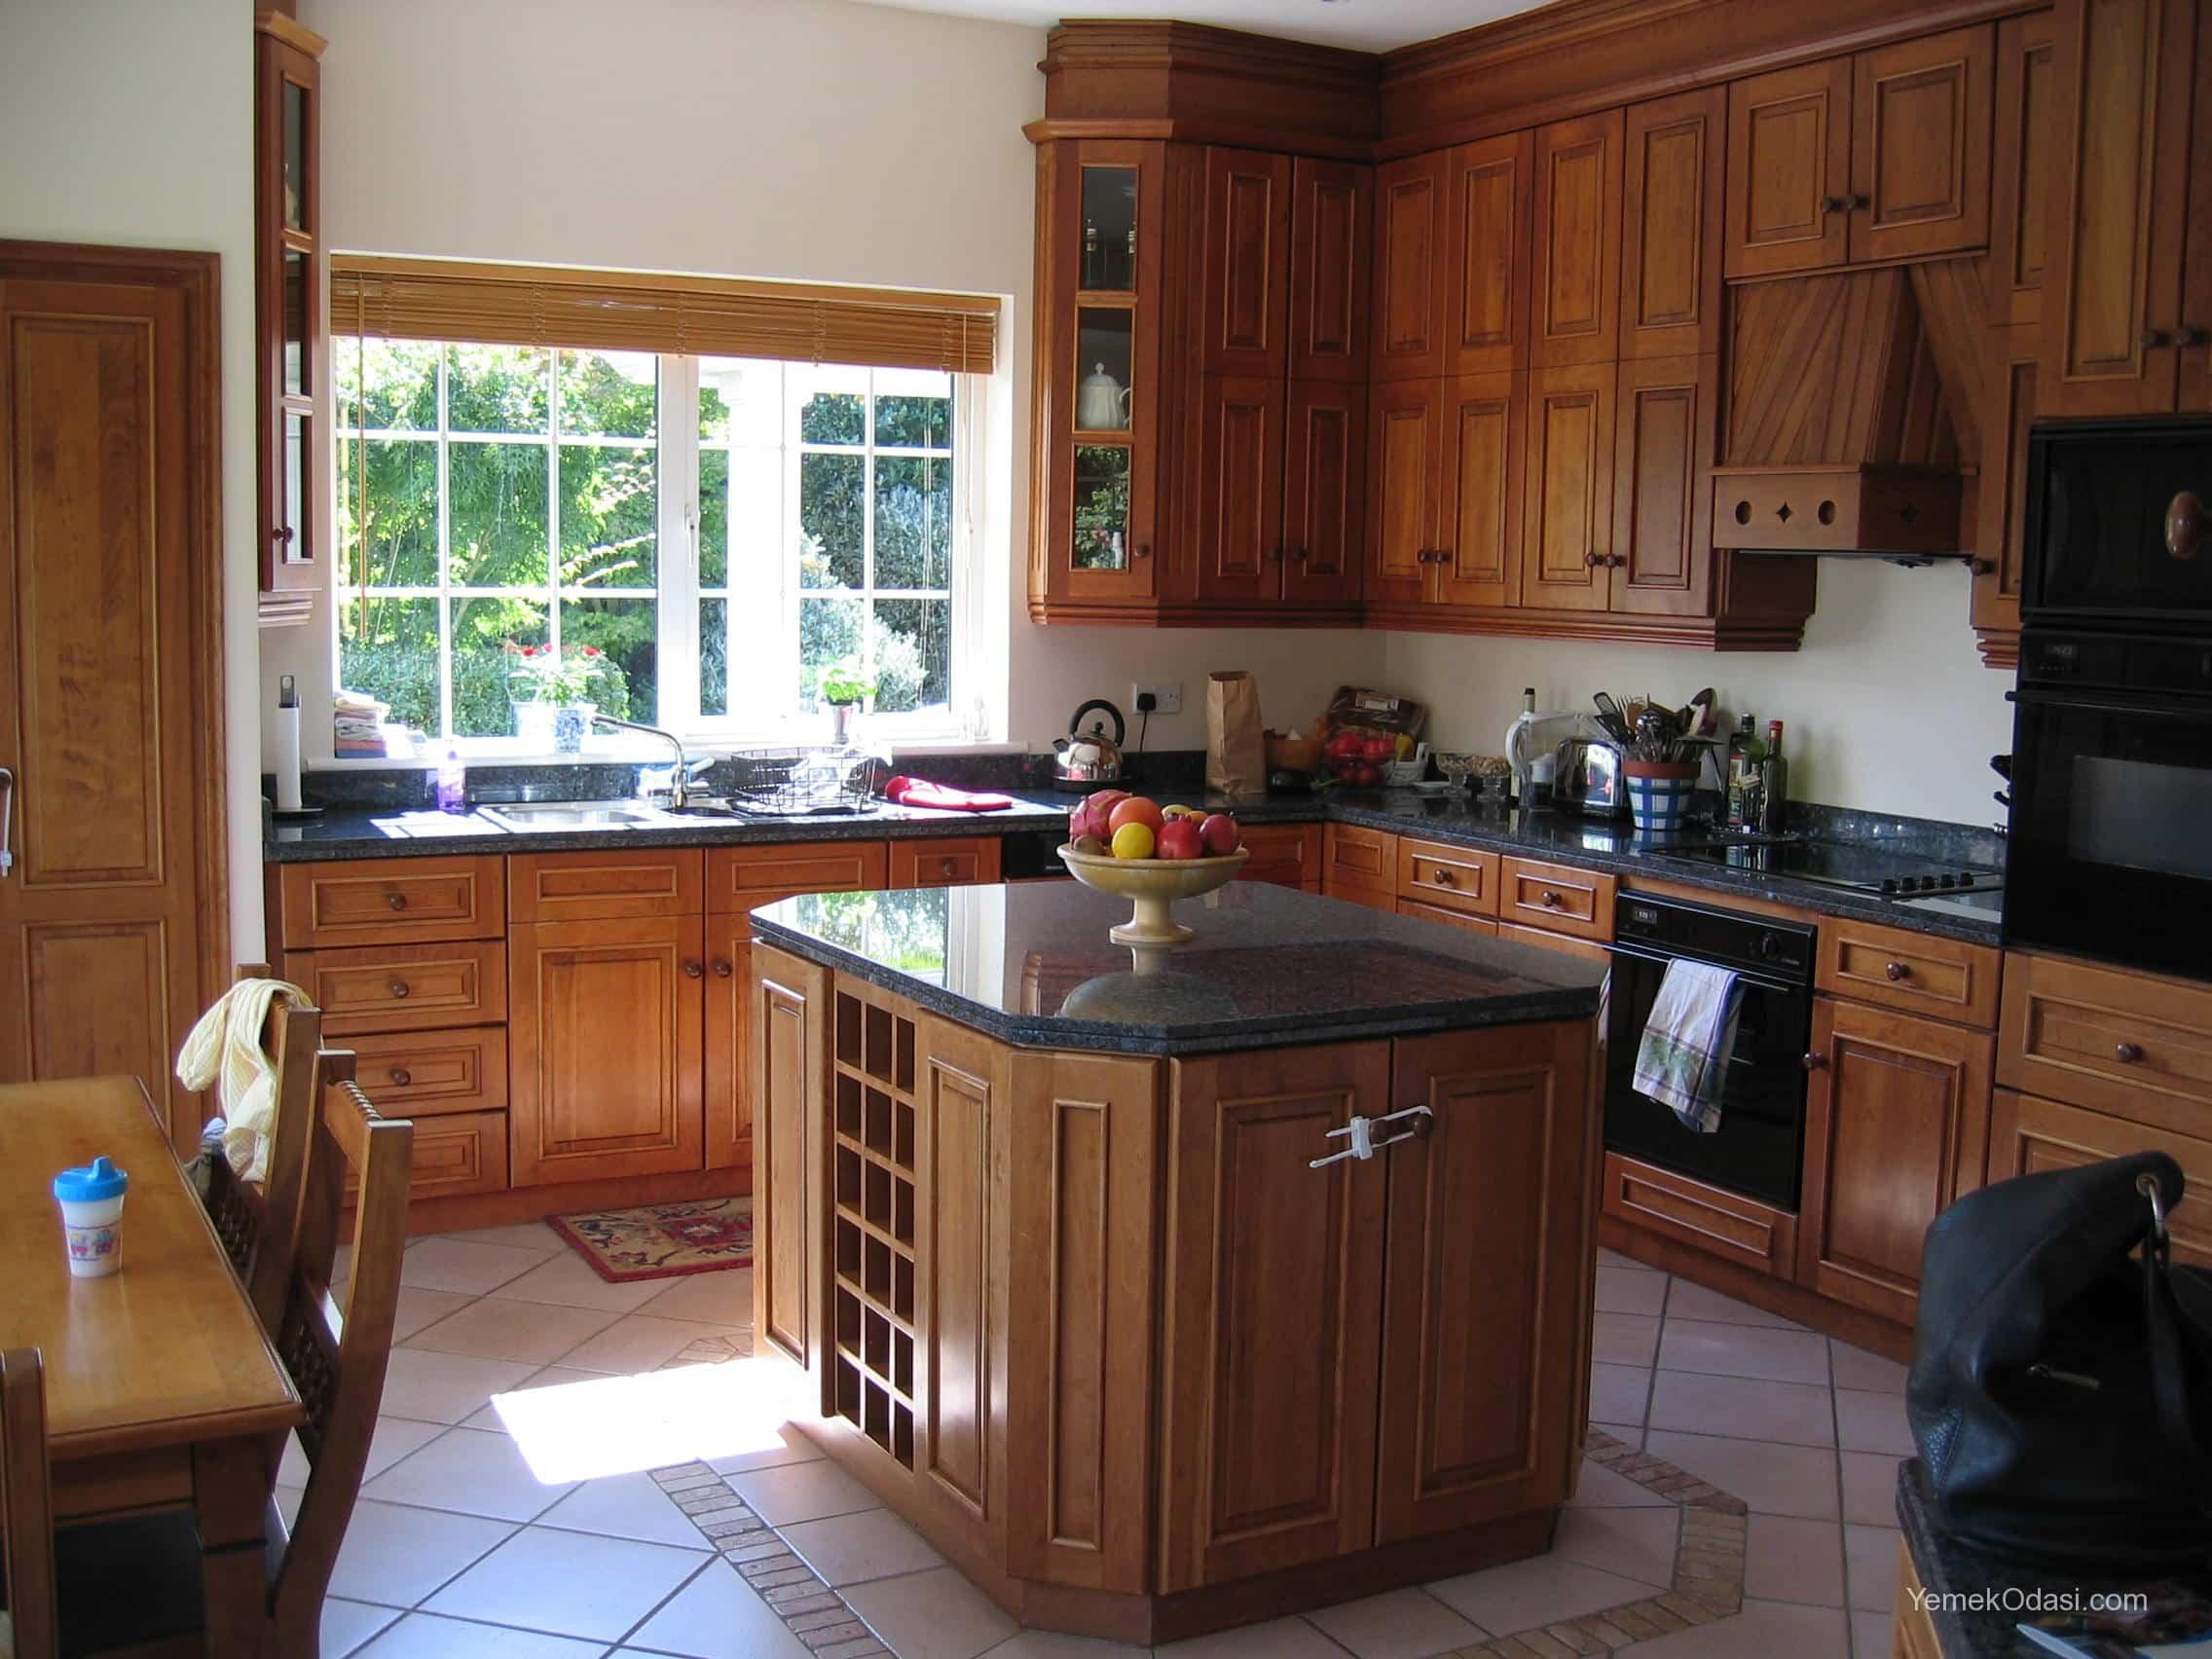 Amerikan Mutfak Dekorasyonları İle Mutfaklarınız Dudak Uçuklatacak 22